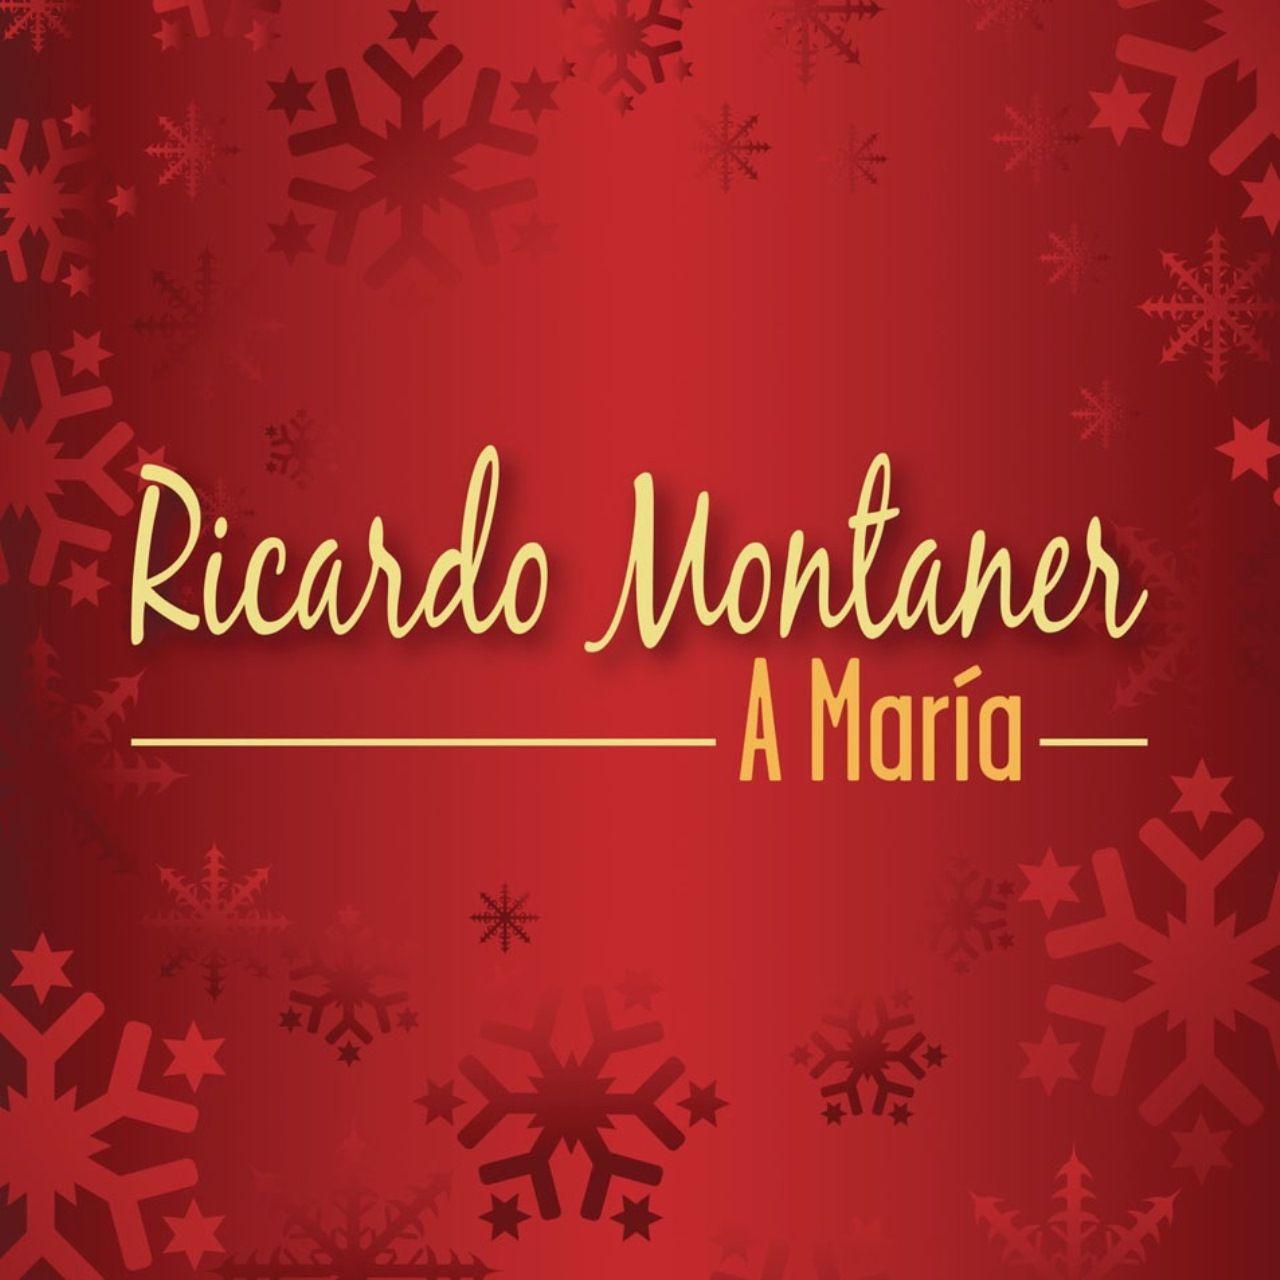 A María - Ricardo Montaner